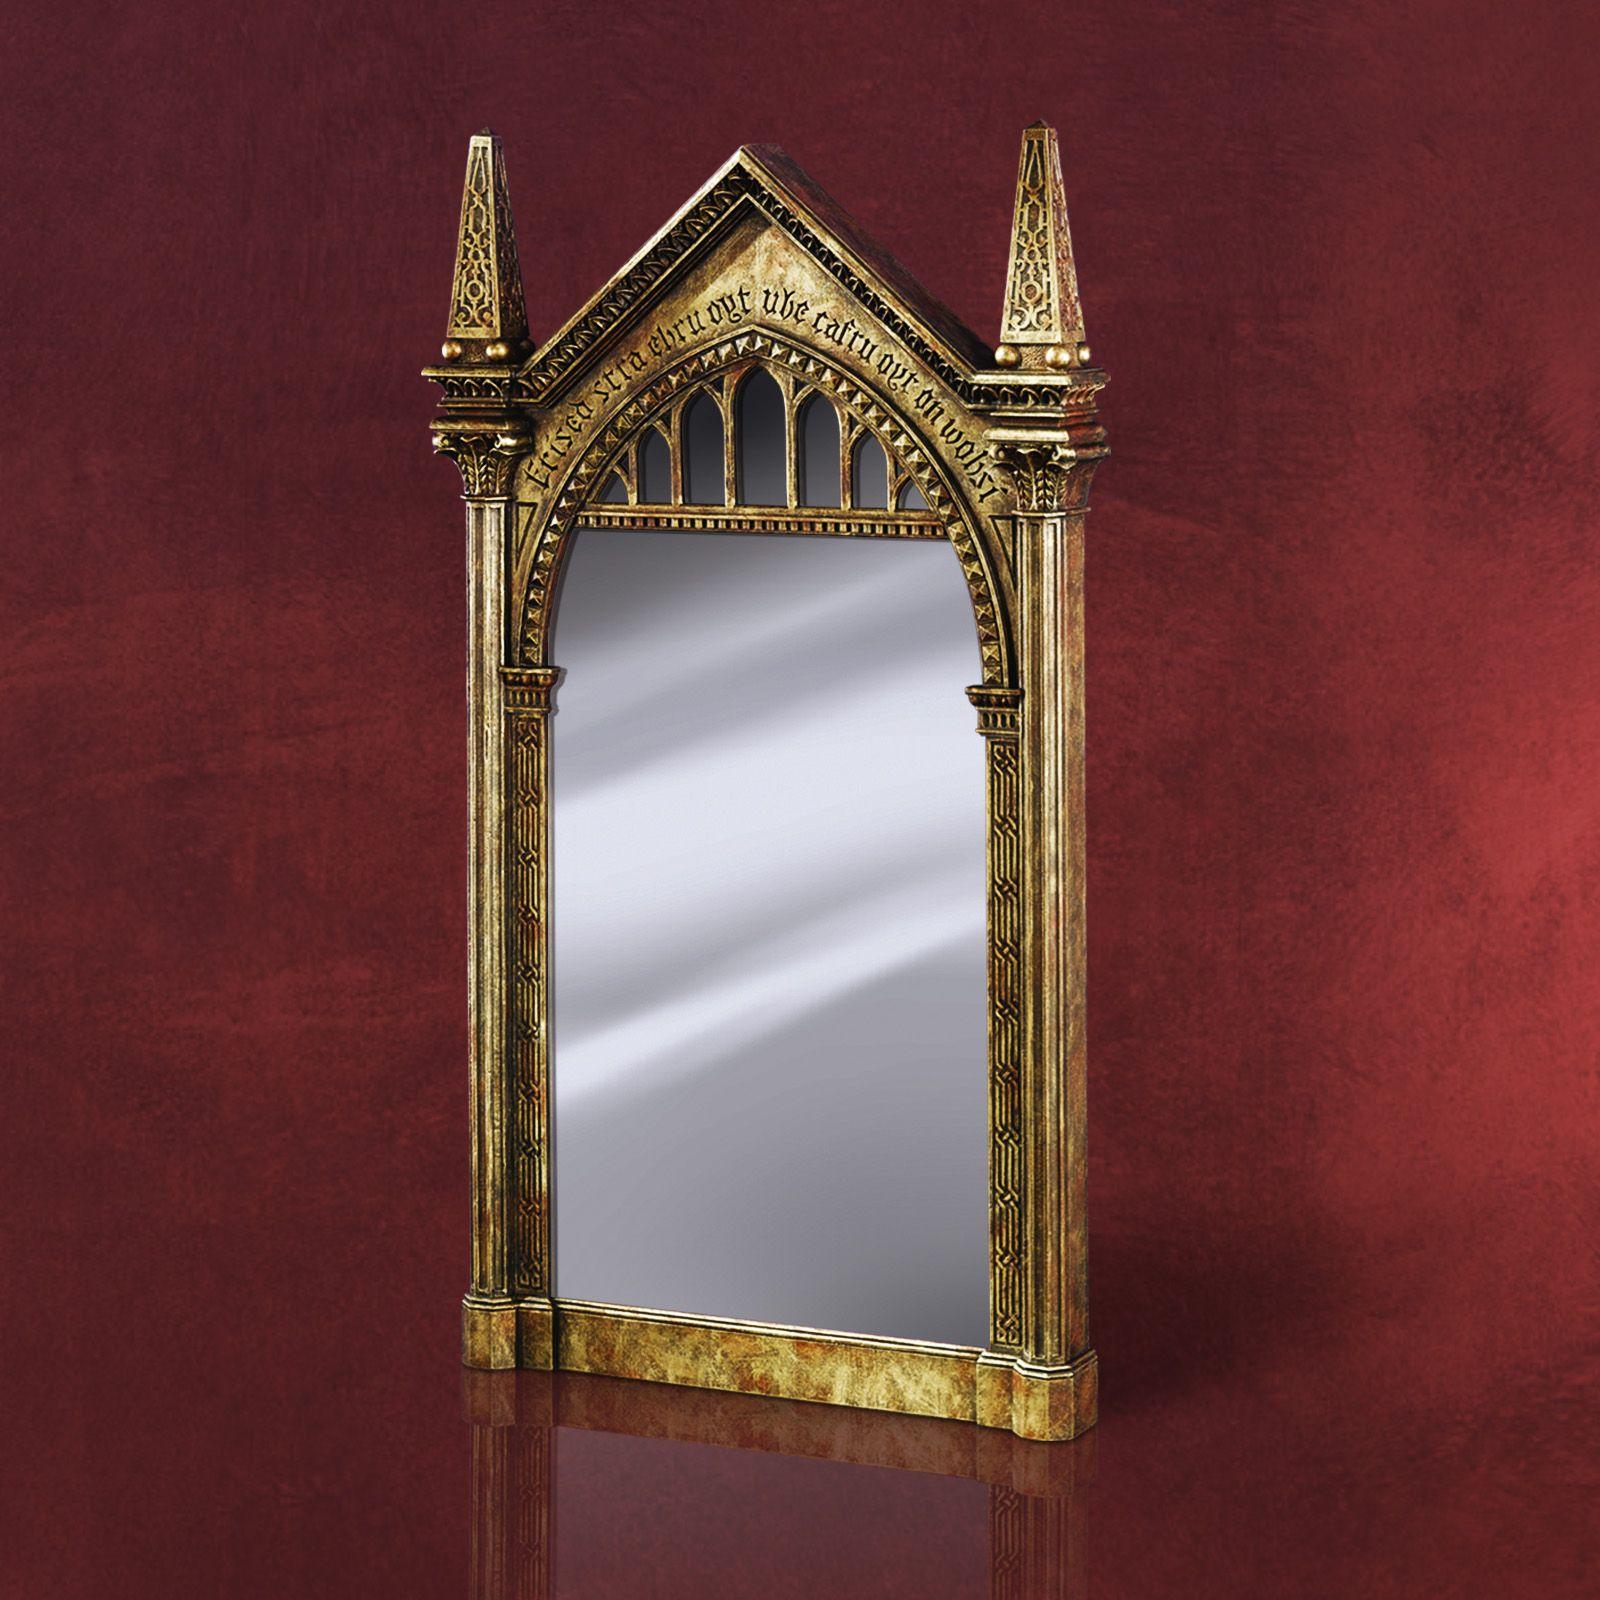 Eine Nachbildung Des Spiegels Bekannt Aus Harry Potter Und Der Stein Der Weisen Wenn Ihr Tief In Den Spiegel Nerhegeb Harry Potter Decor Potter Harry Potter